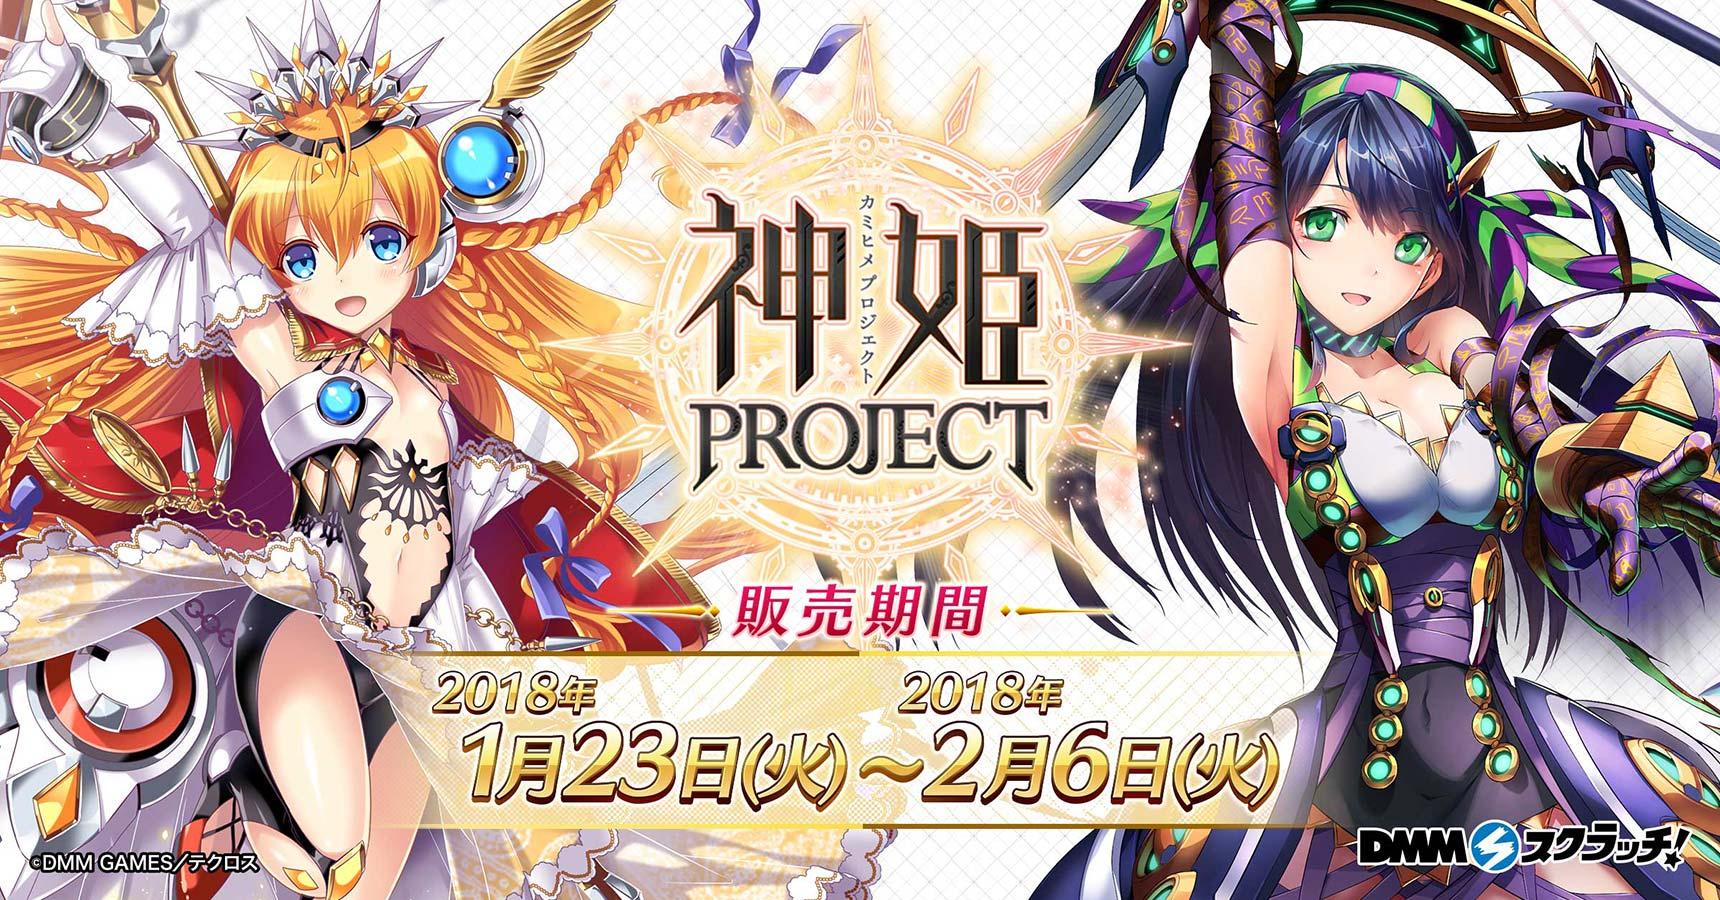 神姫PROJECT スクラッチ